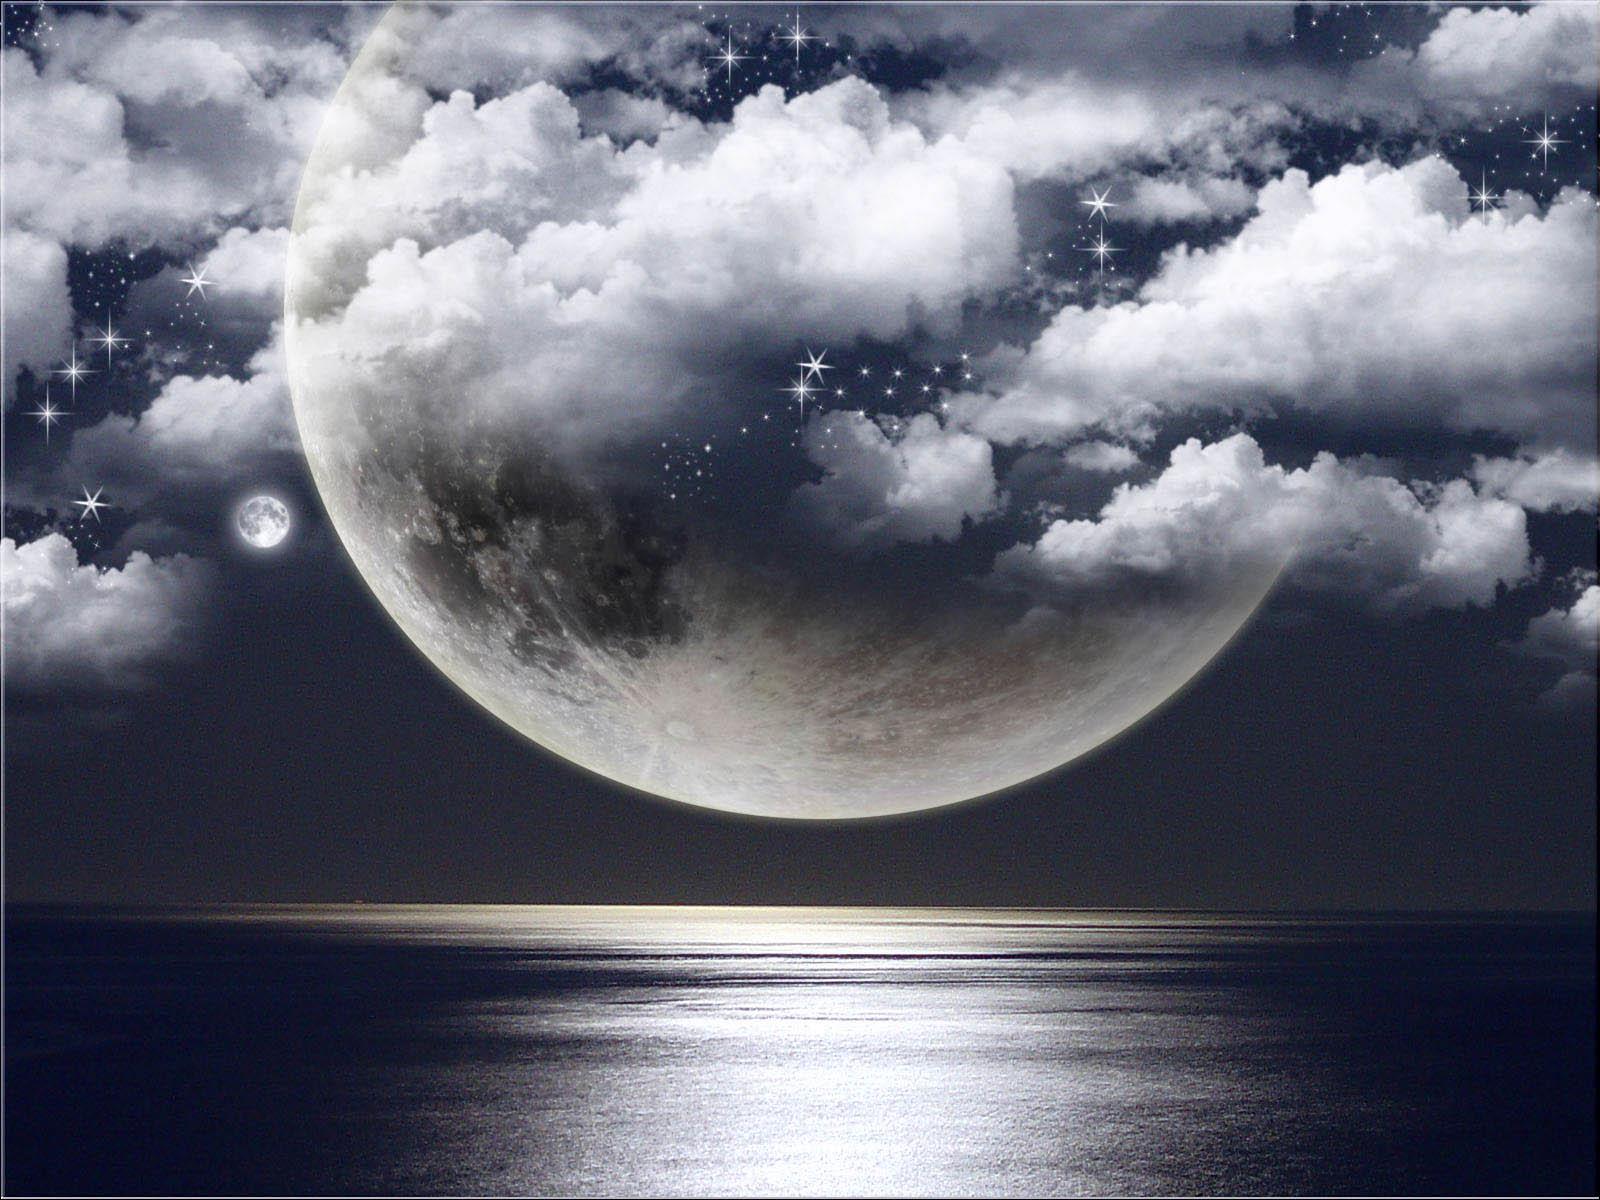 http://fc07.deviantart.net/fs40/f/2009/036/0/3/Starry_Starry_Night_by_welshdragon.jpg